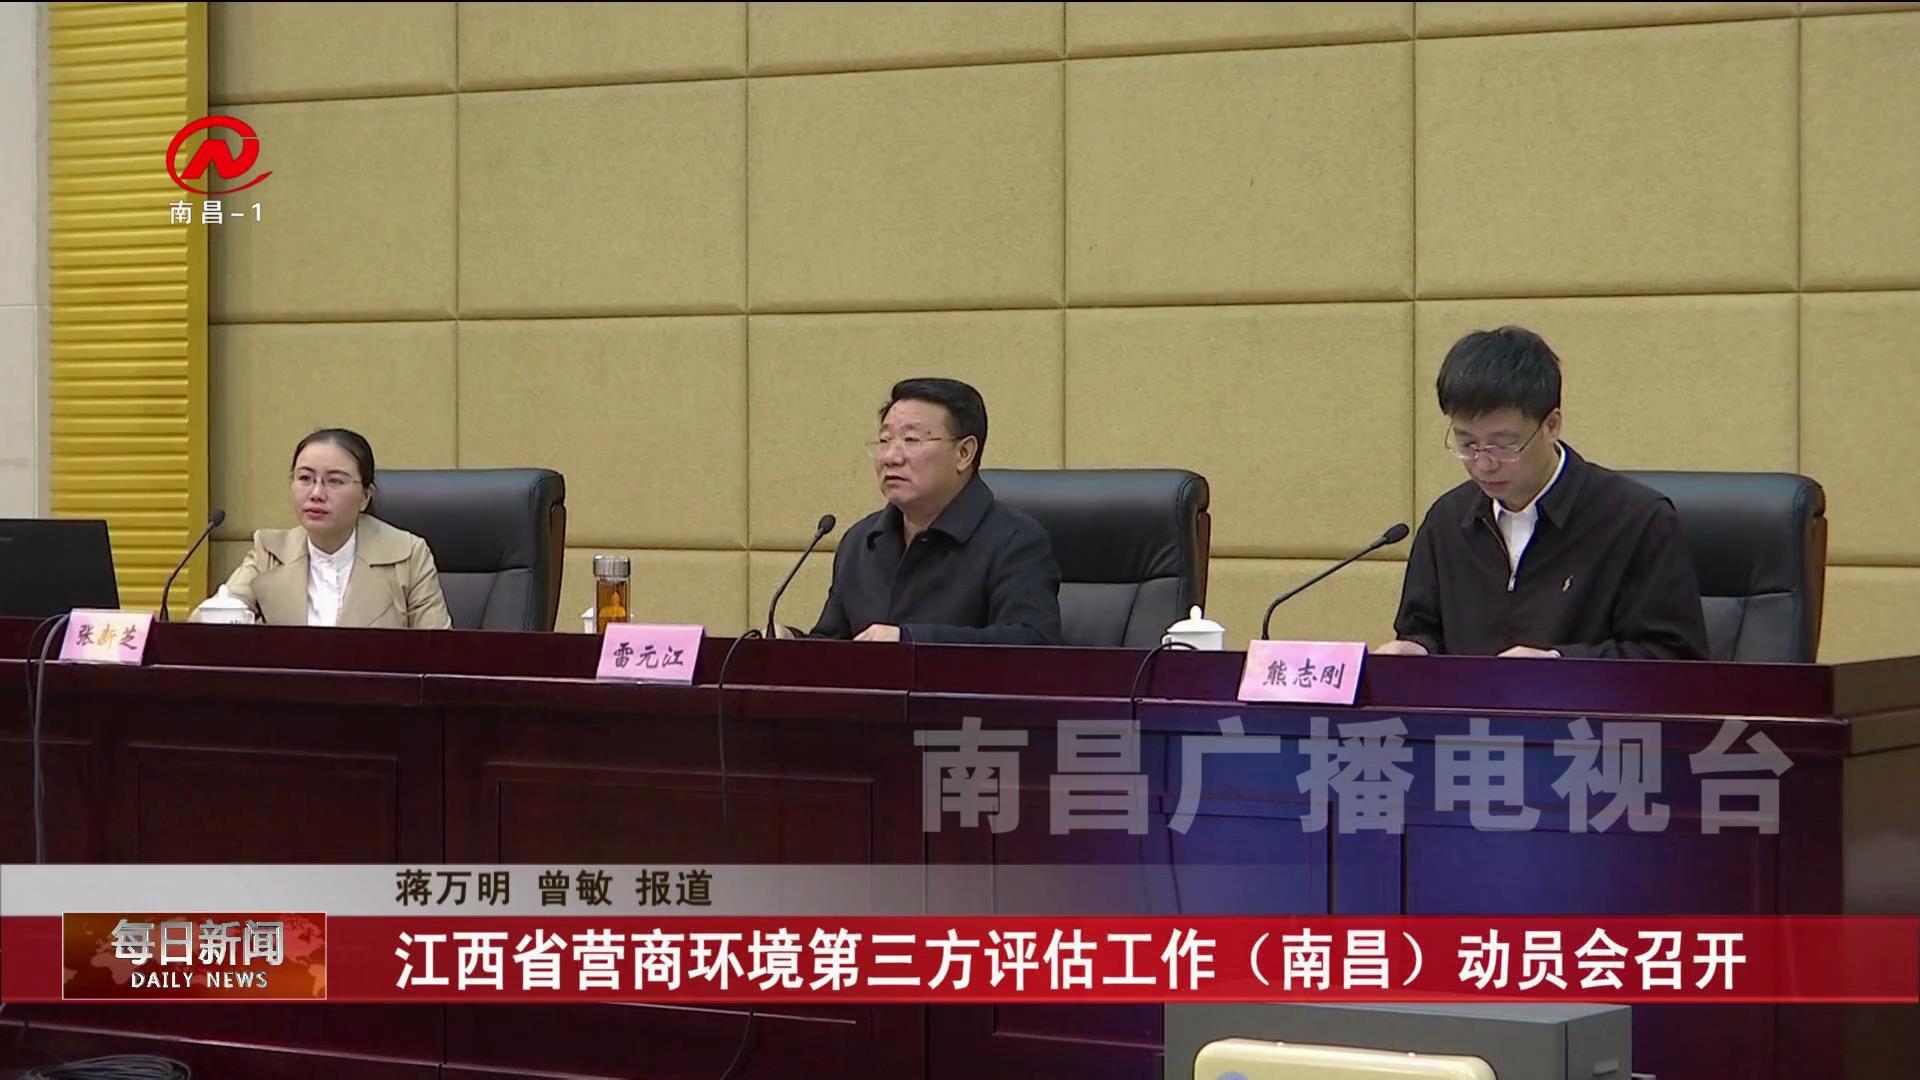 江西省营商环境第三方评估工作(南昌)动员会召开